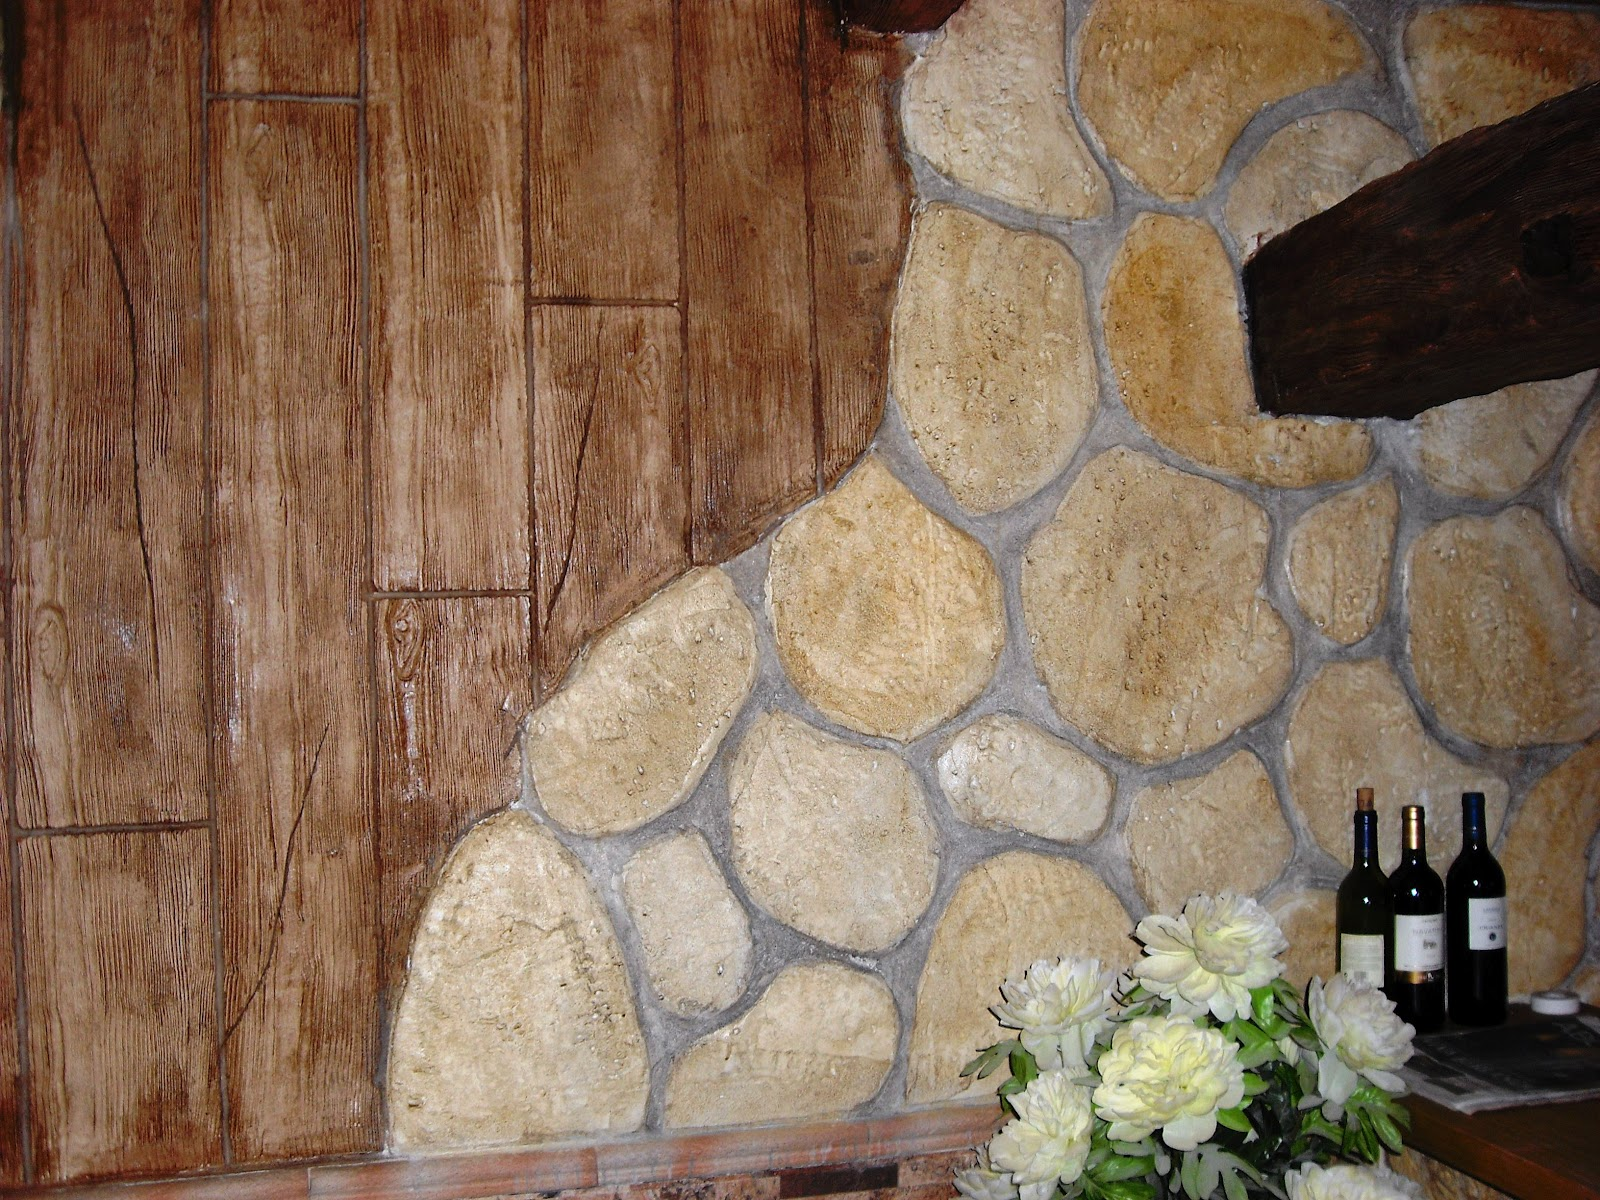 Piedras y maderas artificiales javier lude a tlf - Piedra decorativa interior ...